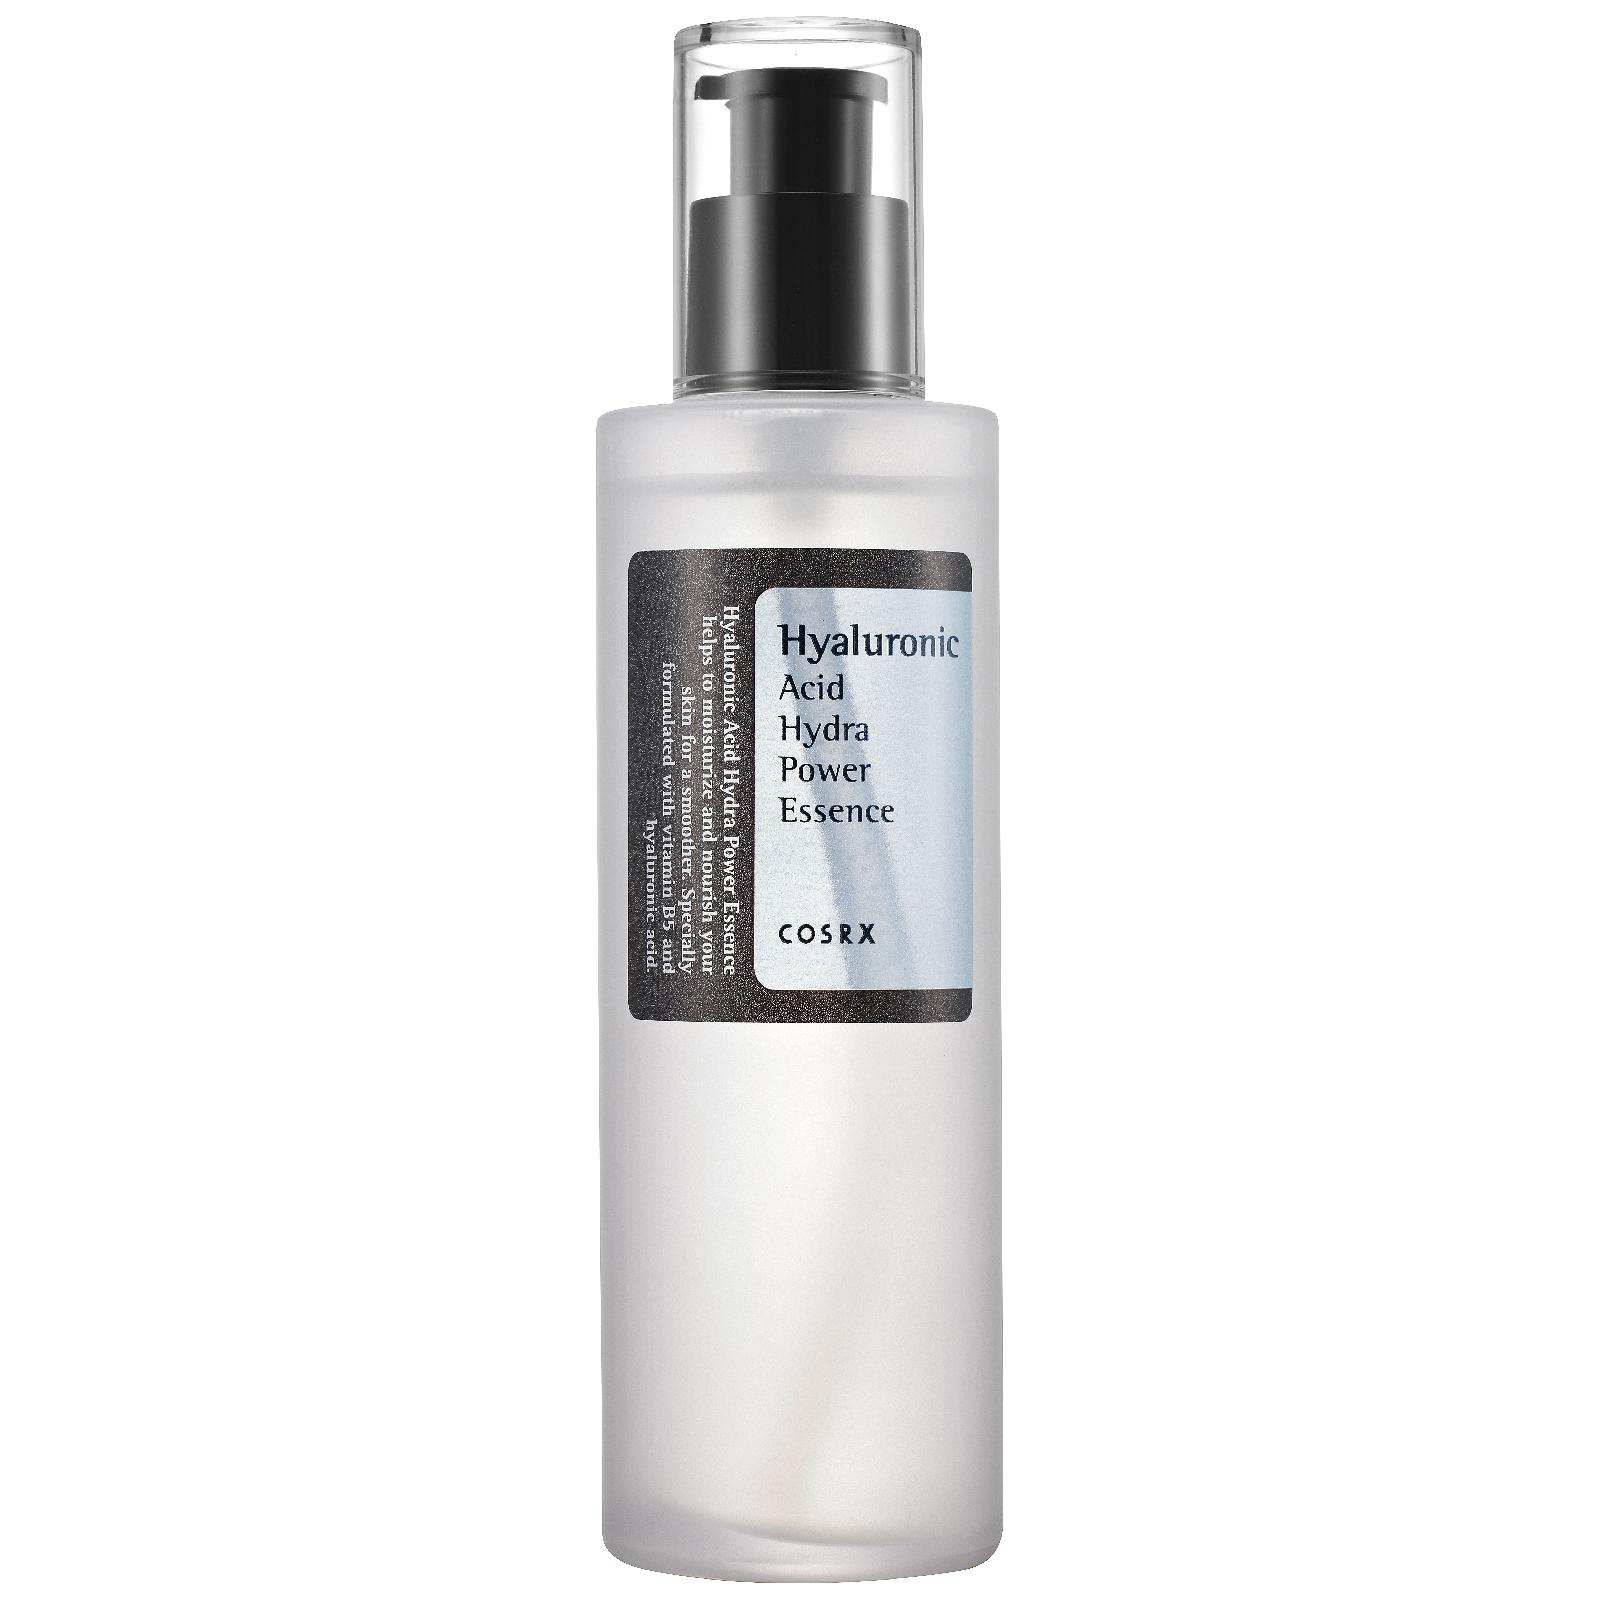 Купить Интенсивно увлажняющая эссенция с гиалуроновой кислотой COSRX Hyaluronic Acid Hydra Power Essence 100мл